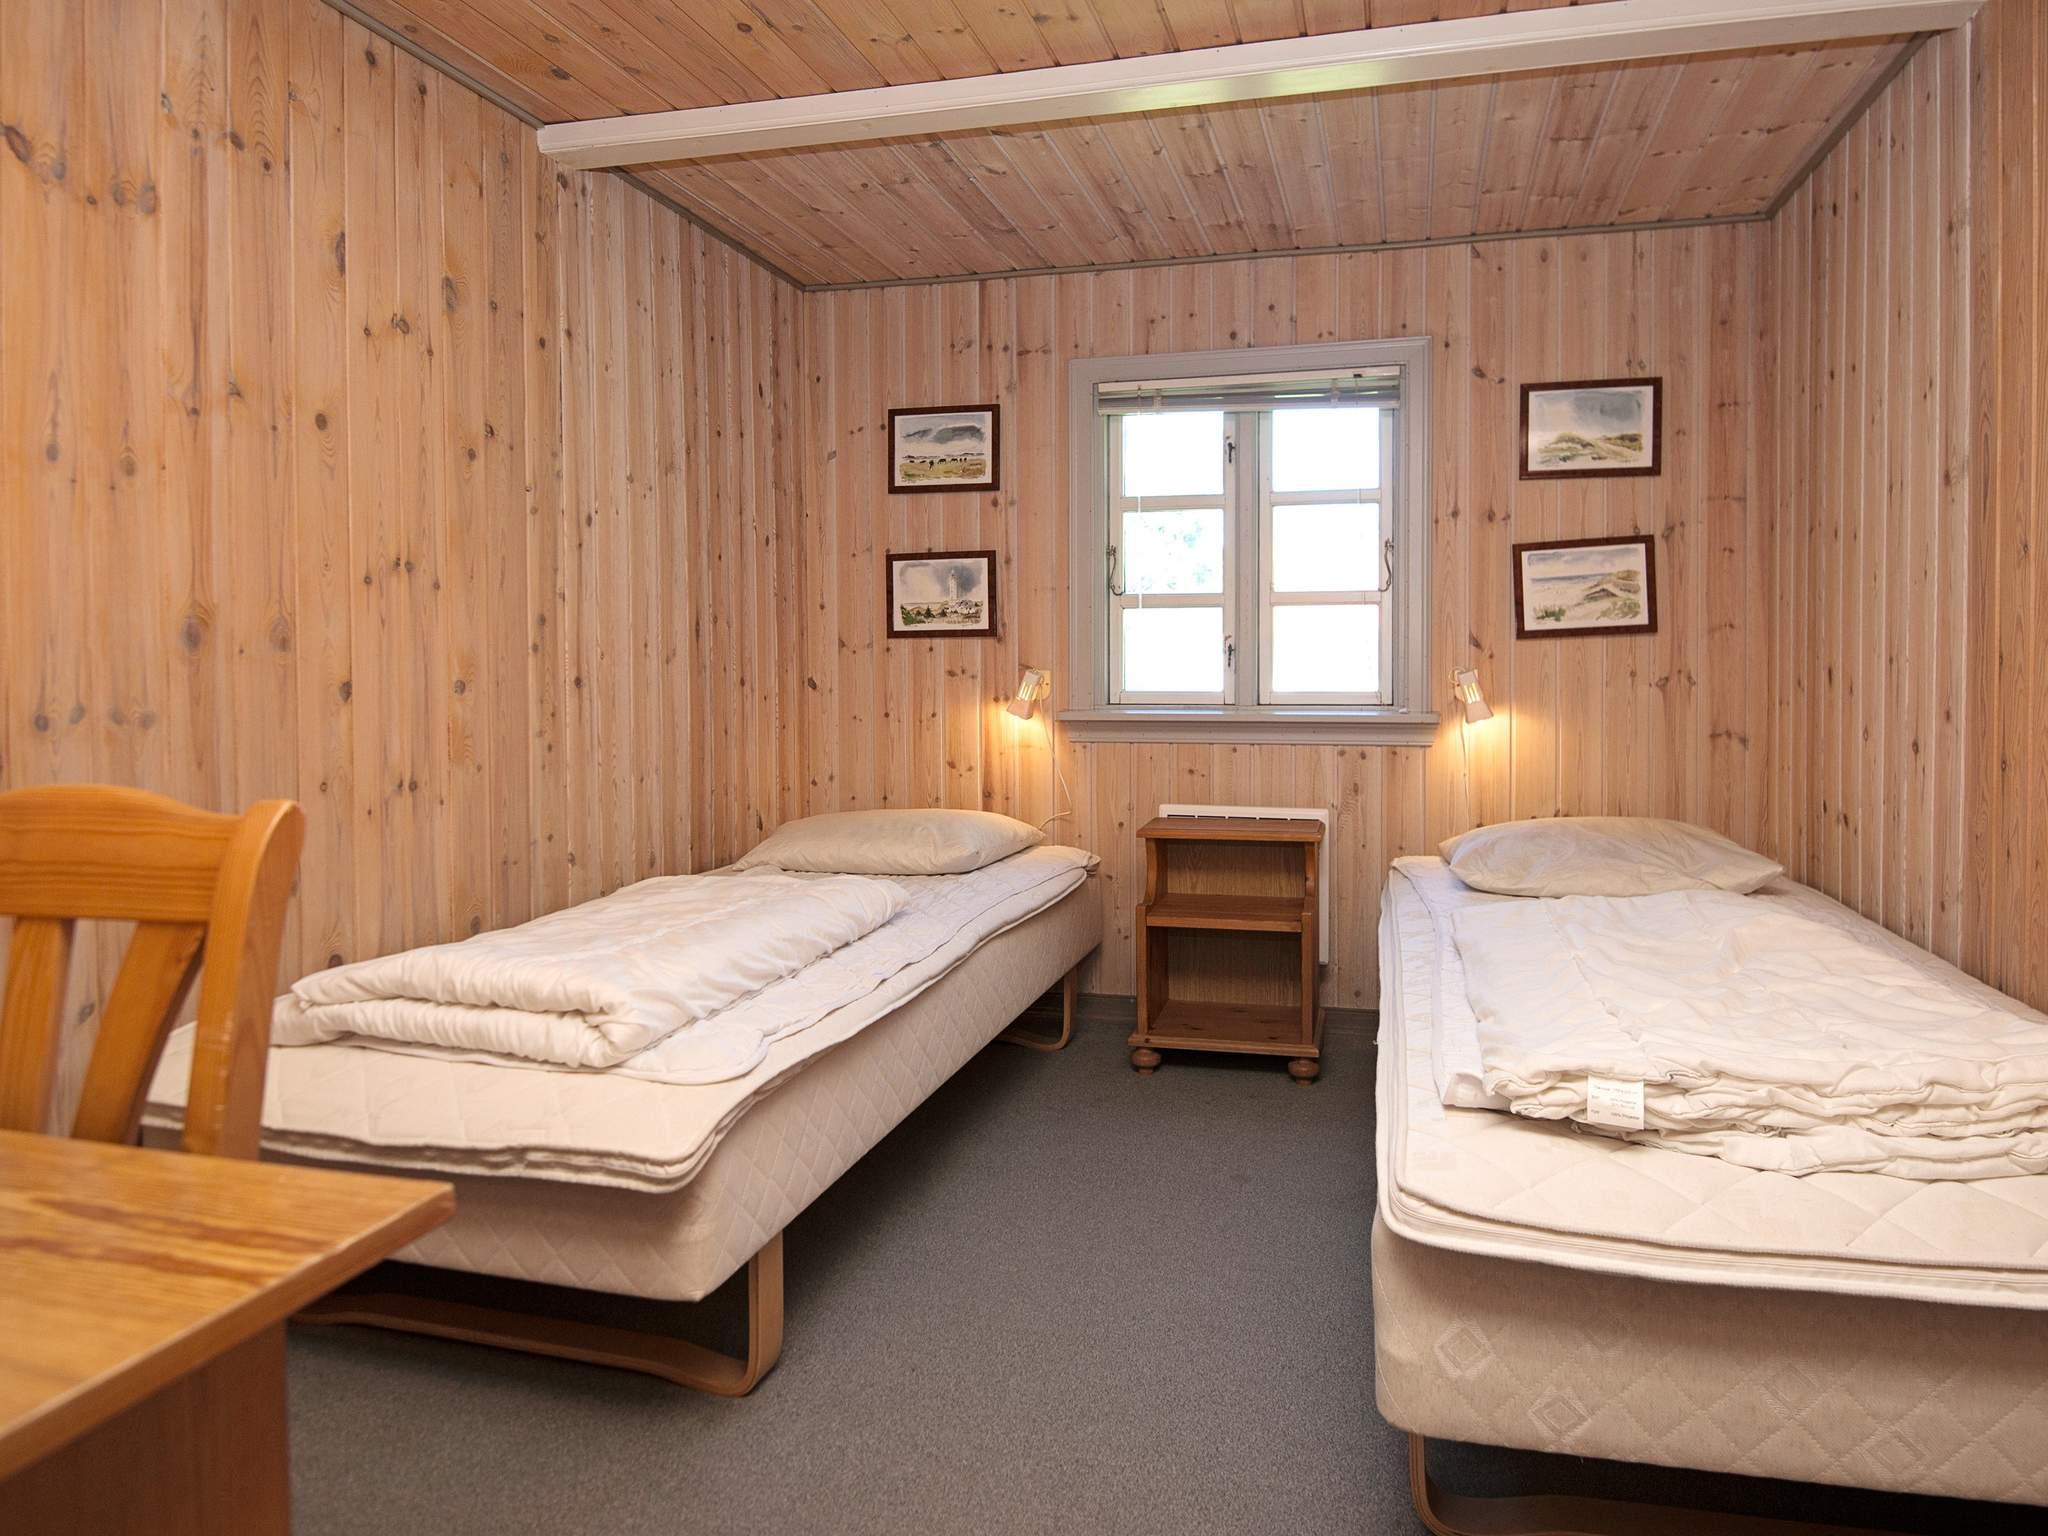 Ferienhaus Grærup (88525), Grærup, , Westjütland, Dänemark, Bild 12